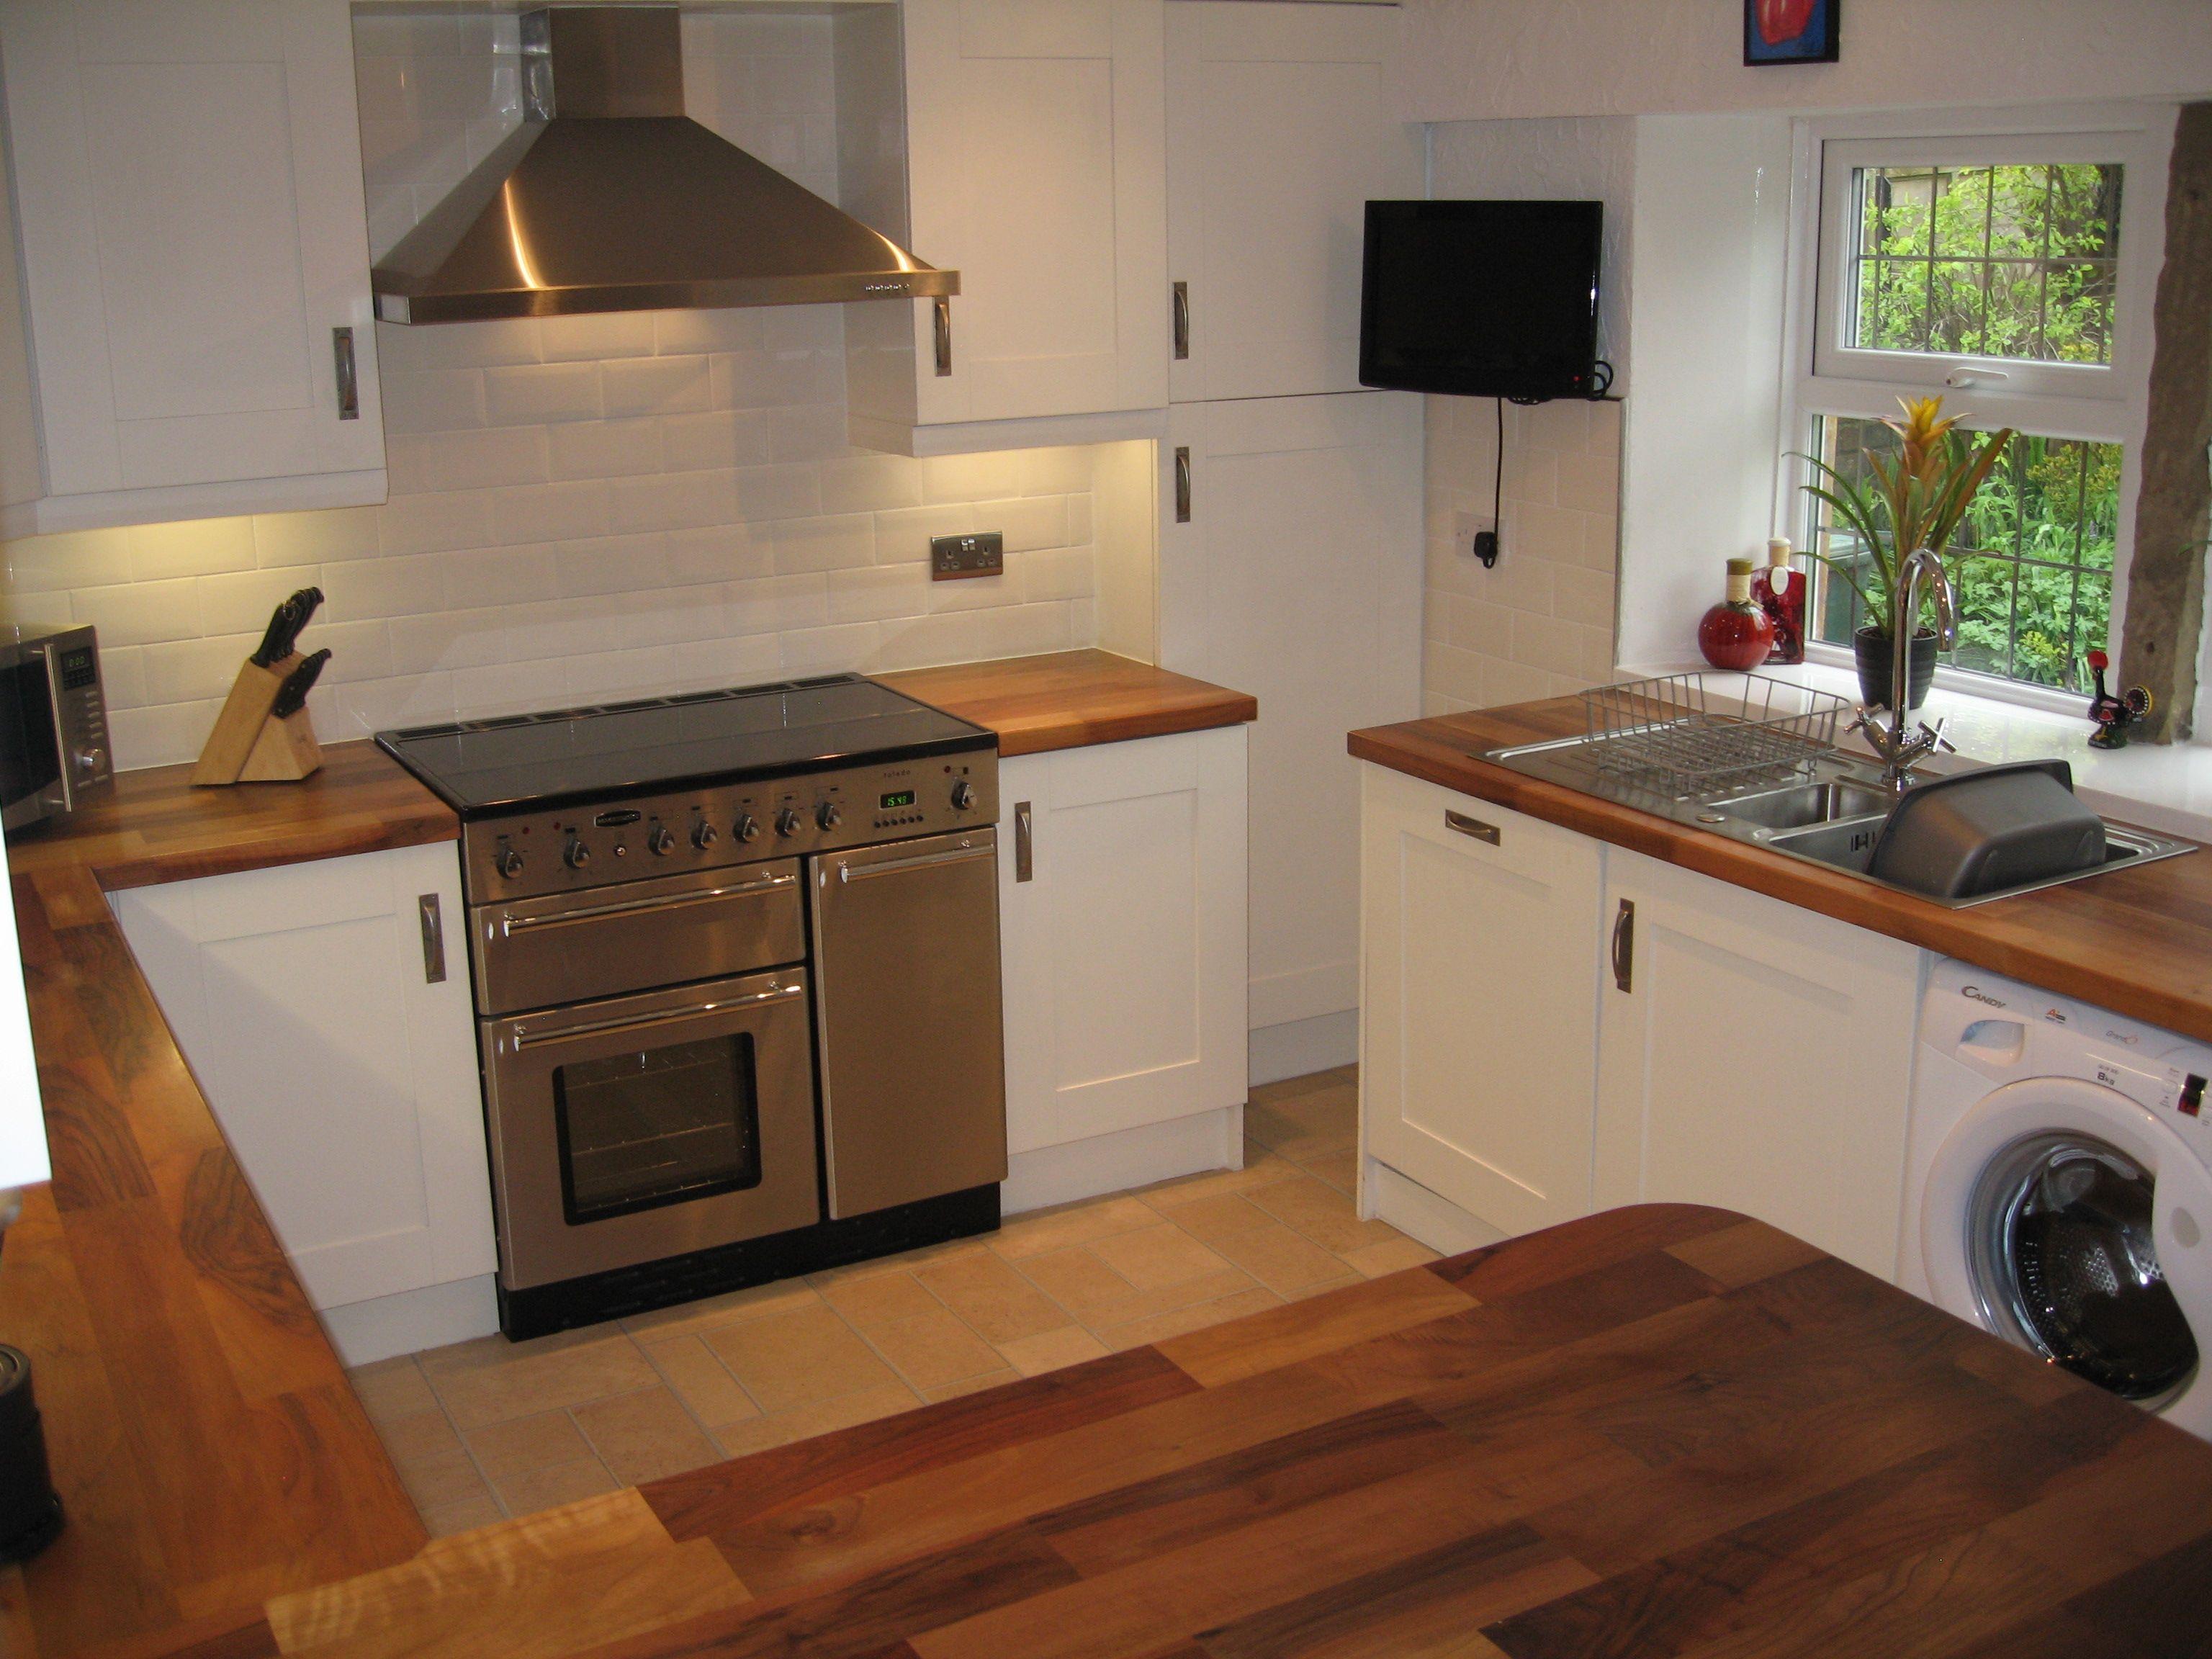 kitchen ideas including washer Walnut worktop kitchen